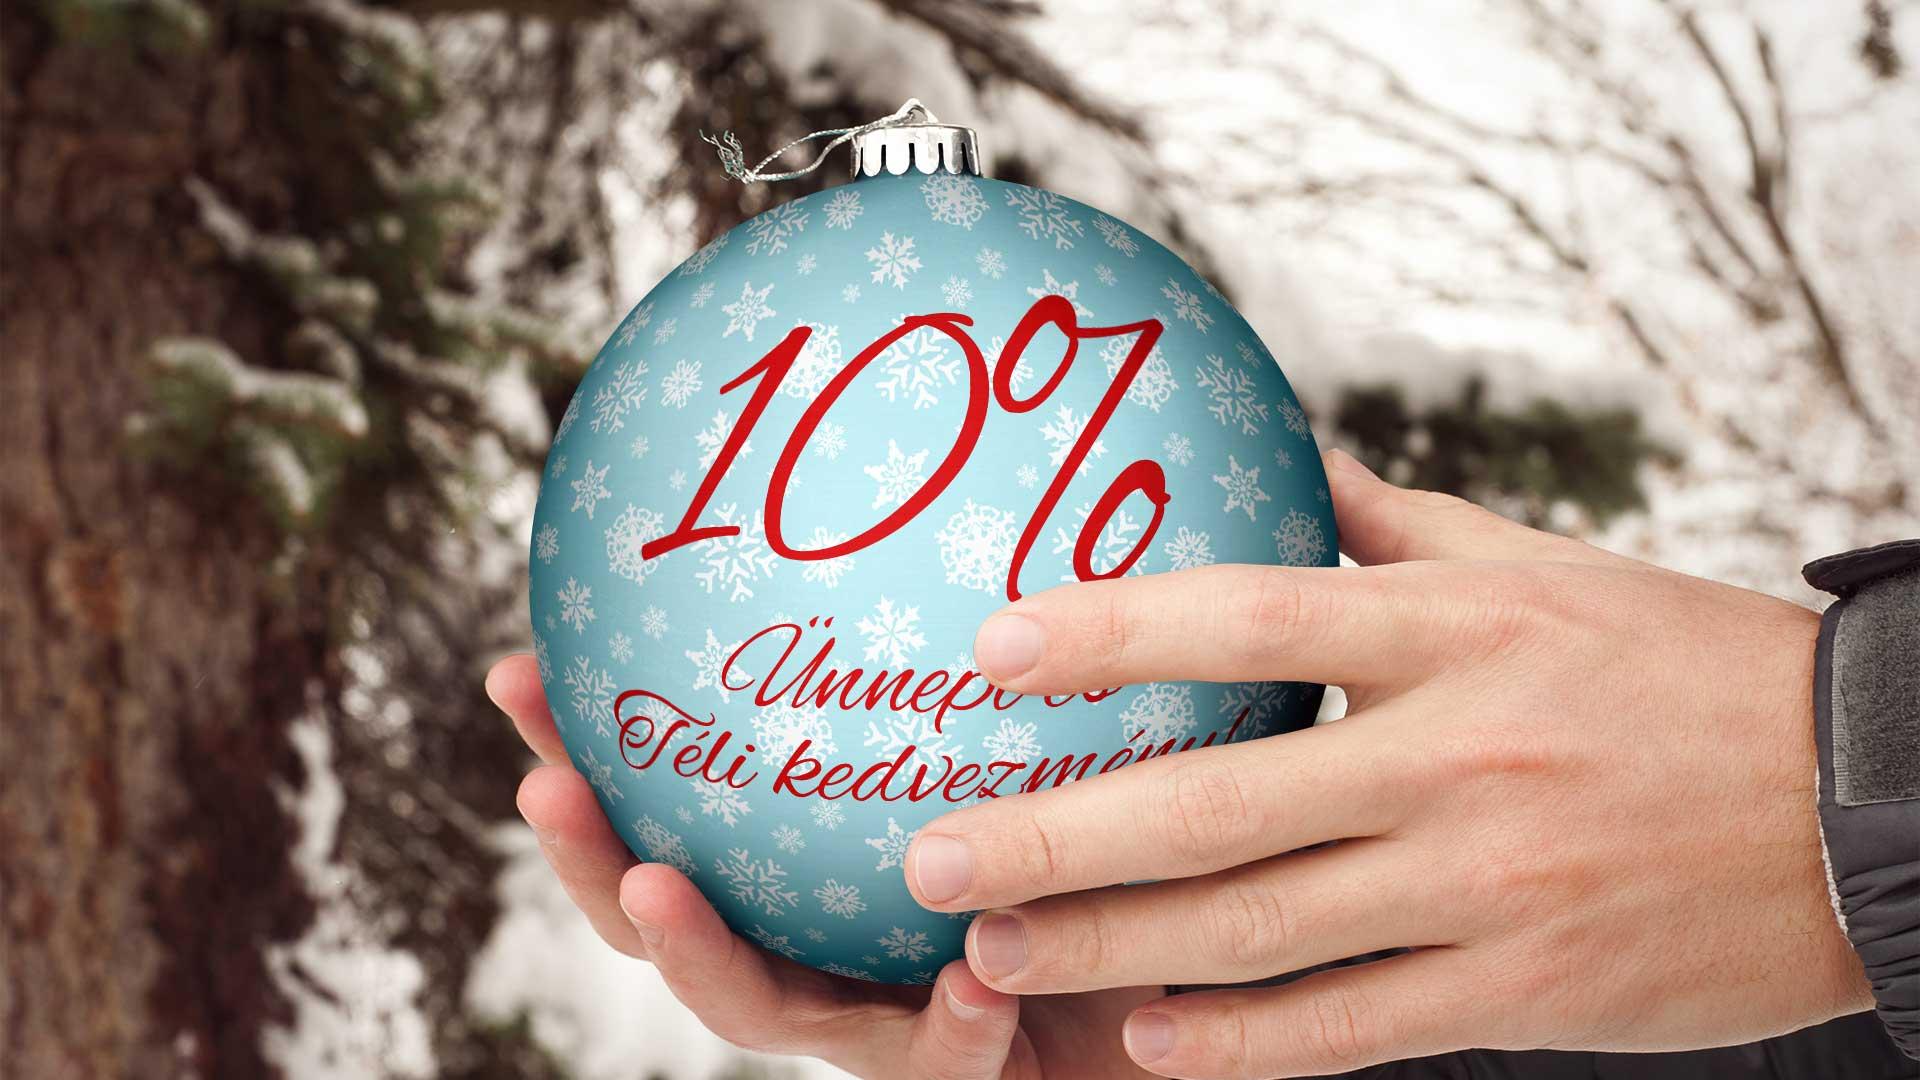 10% Ünnepi és Téli kedvezmény